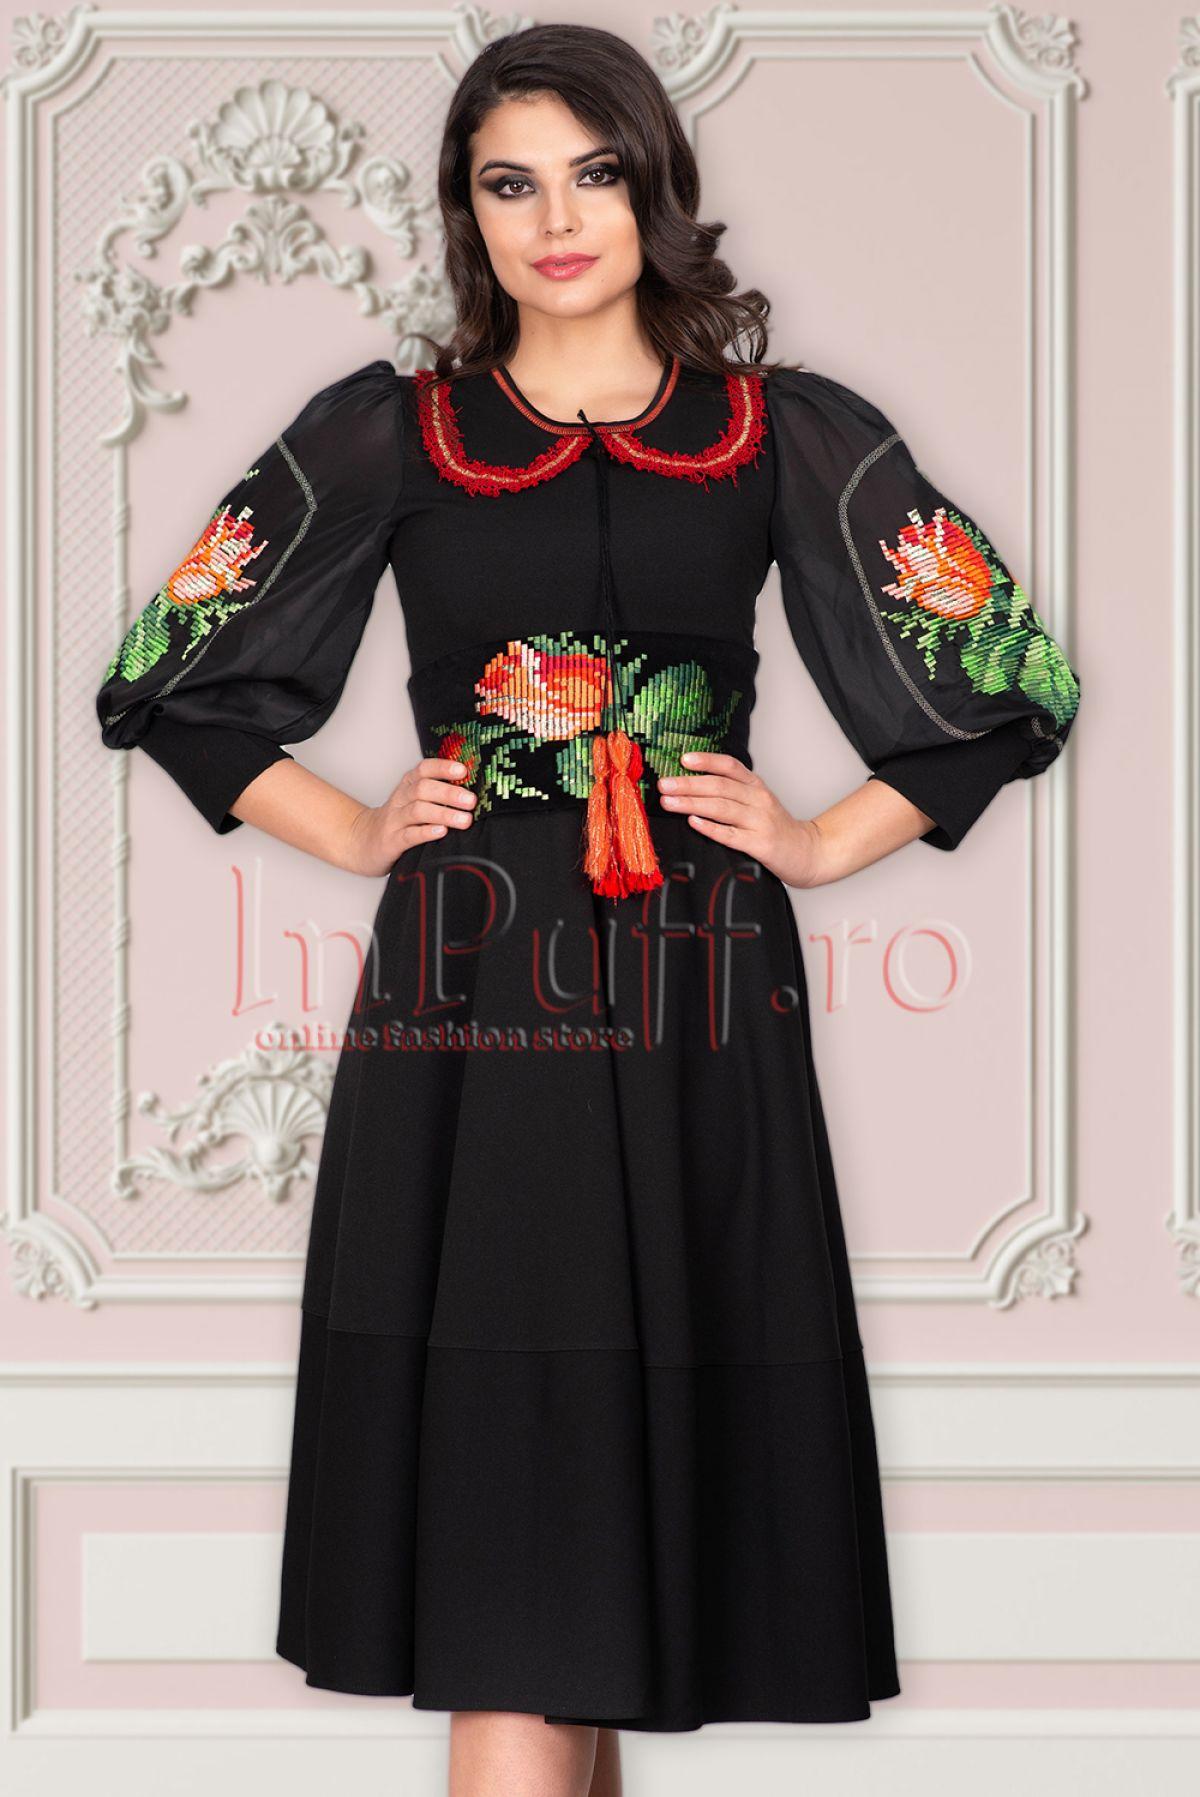 Rochie Venezia neagra in clos cu broderie traditionala Venezia-Artigiano-Moda